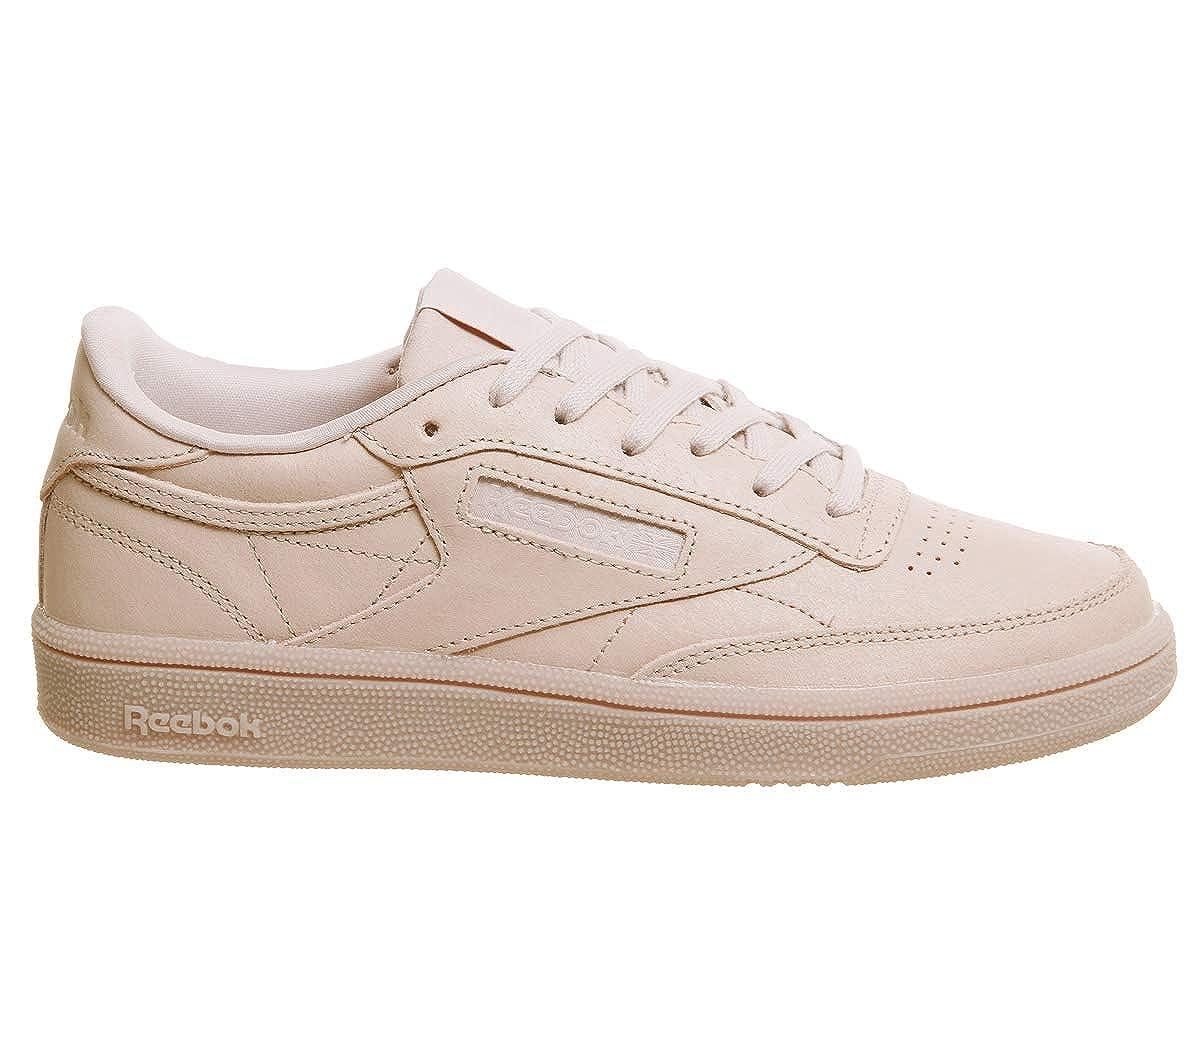 Asics Damen Gel-Lyte V Ns Sneaker, Grün Grün Sneaker, Gossamer Grün, 37 EU - a1814d